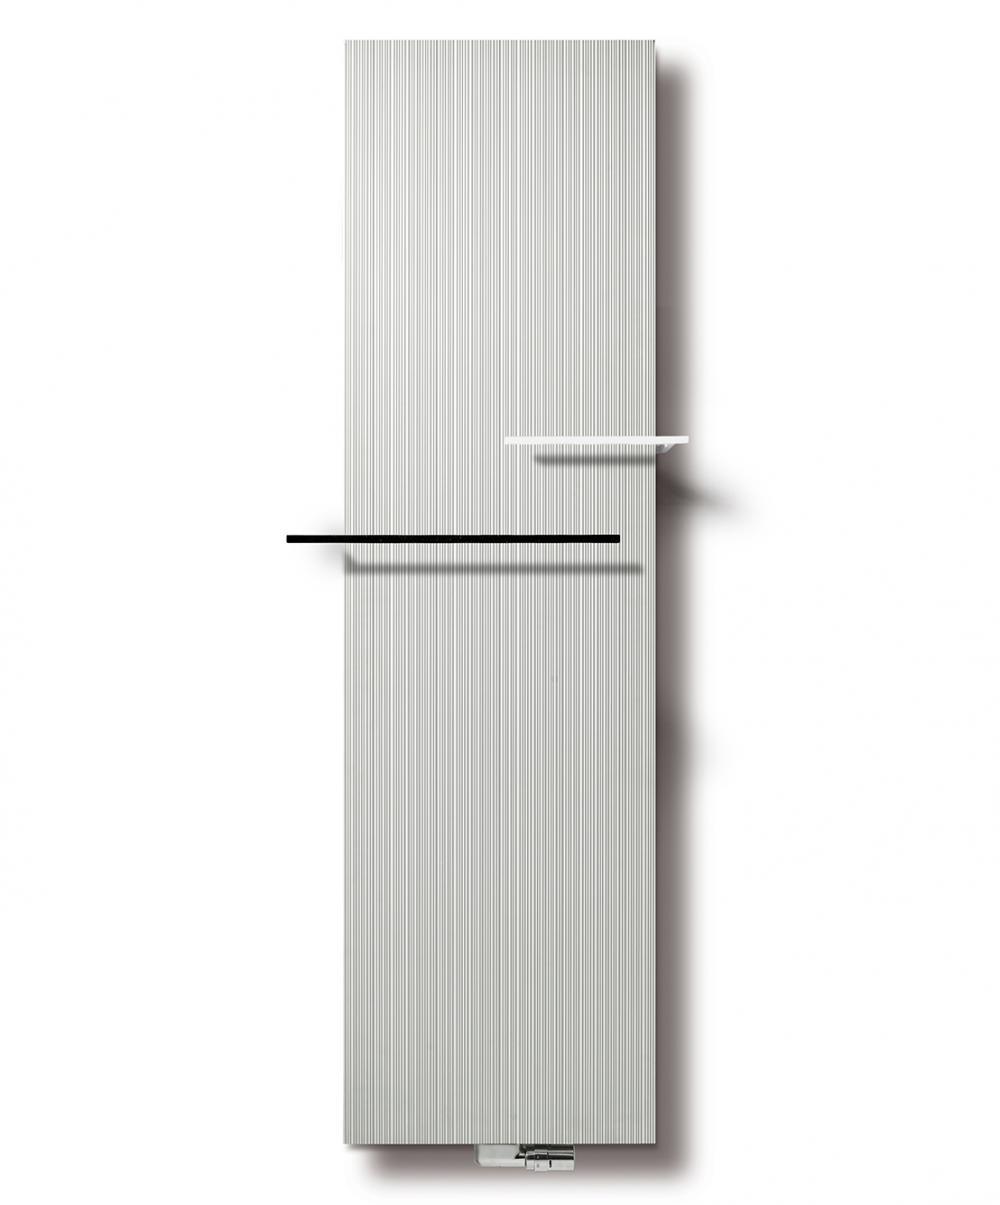 Calorifere decorative aluminiu Vasco Bryce 1800x450 mm, 1644 W